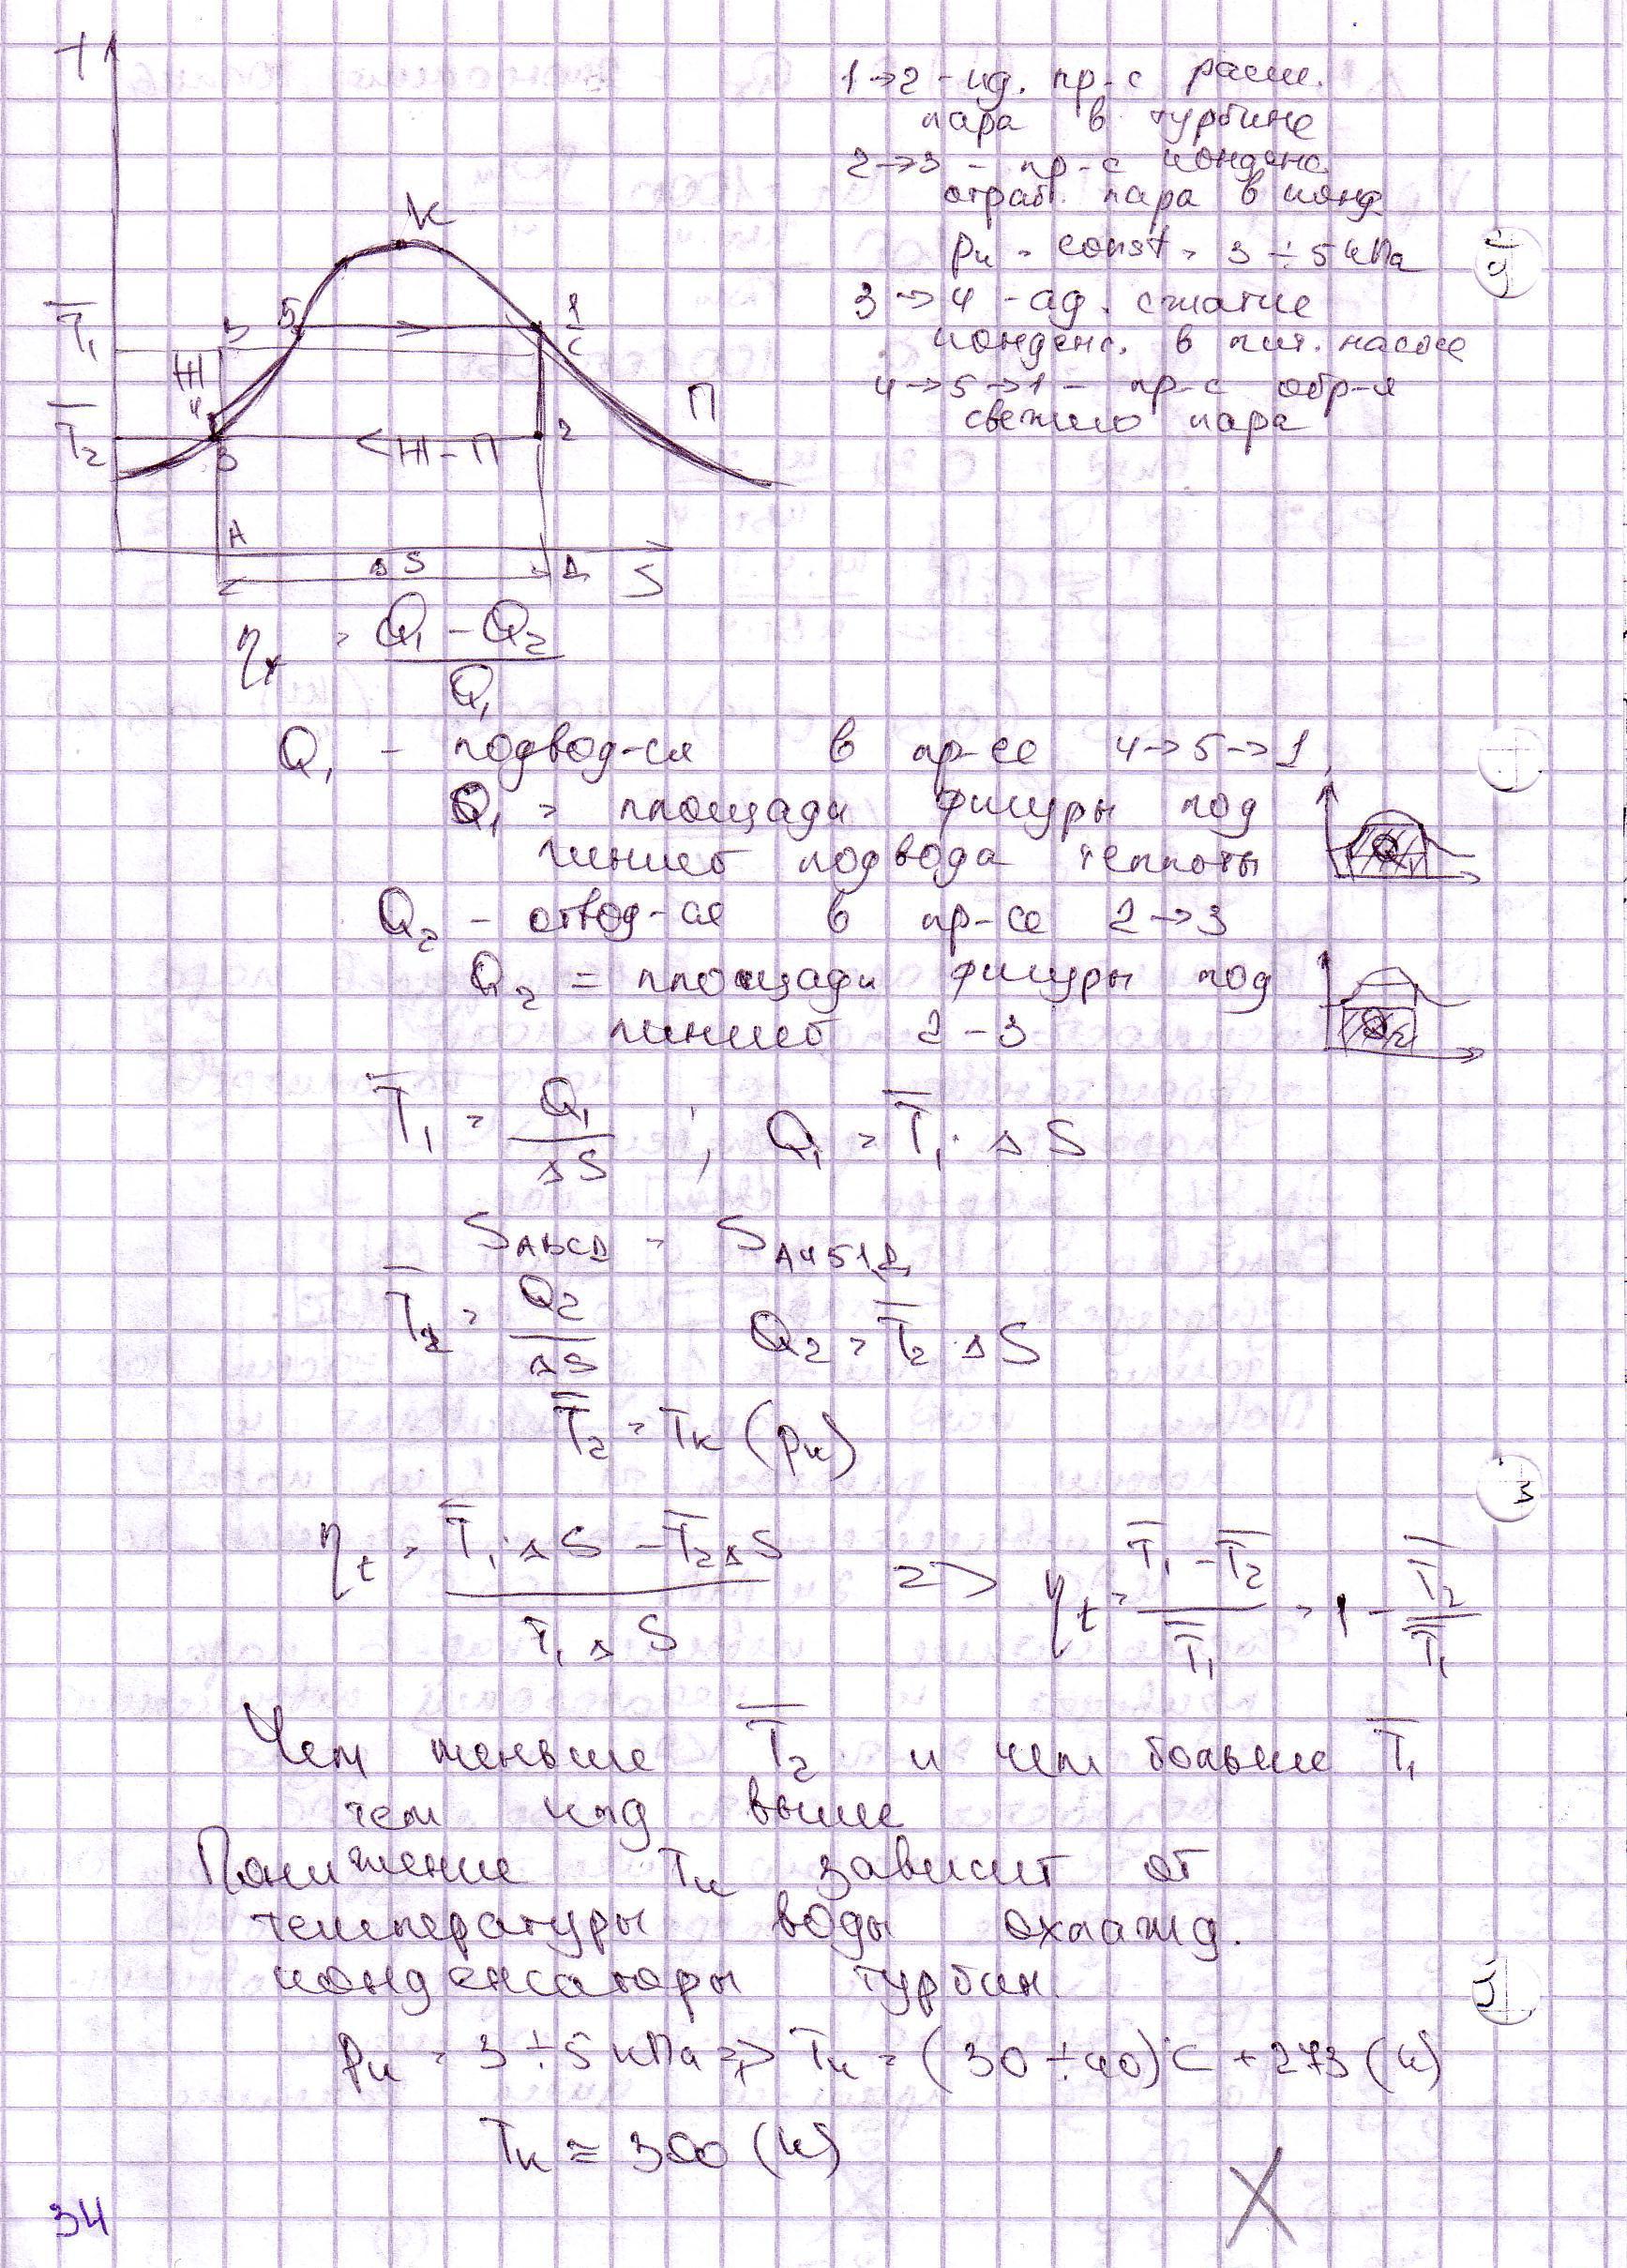 Основные свойства водяного пара: температура, давление, плотность.